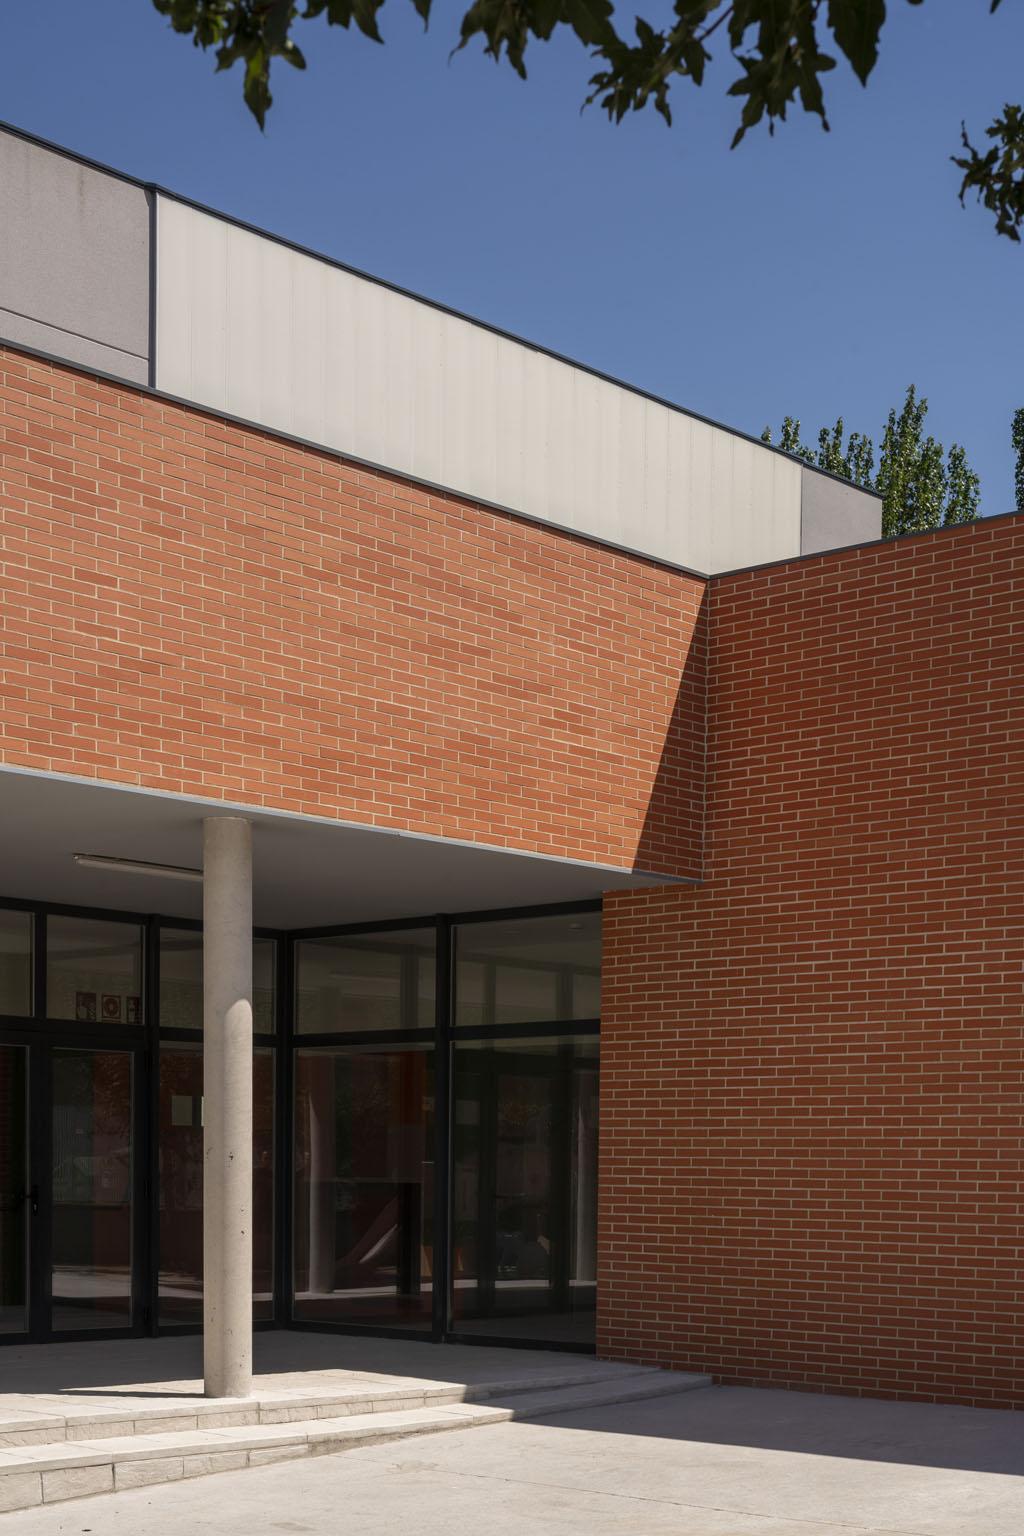 C.INFANTIL_WEB_13-Erlantz Biderbost fotografo de arquitectura e interiores